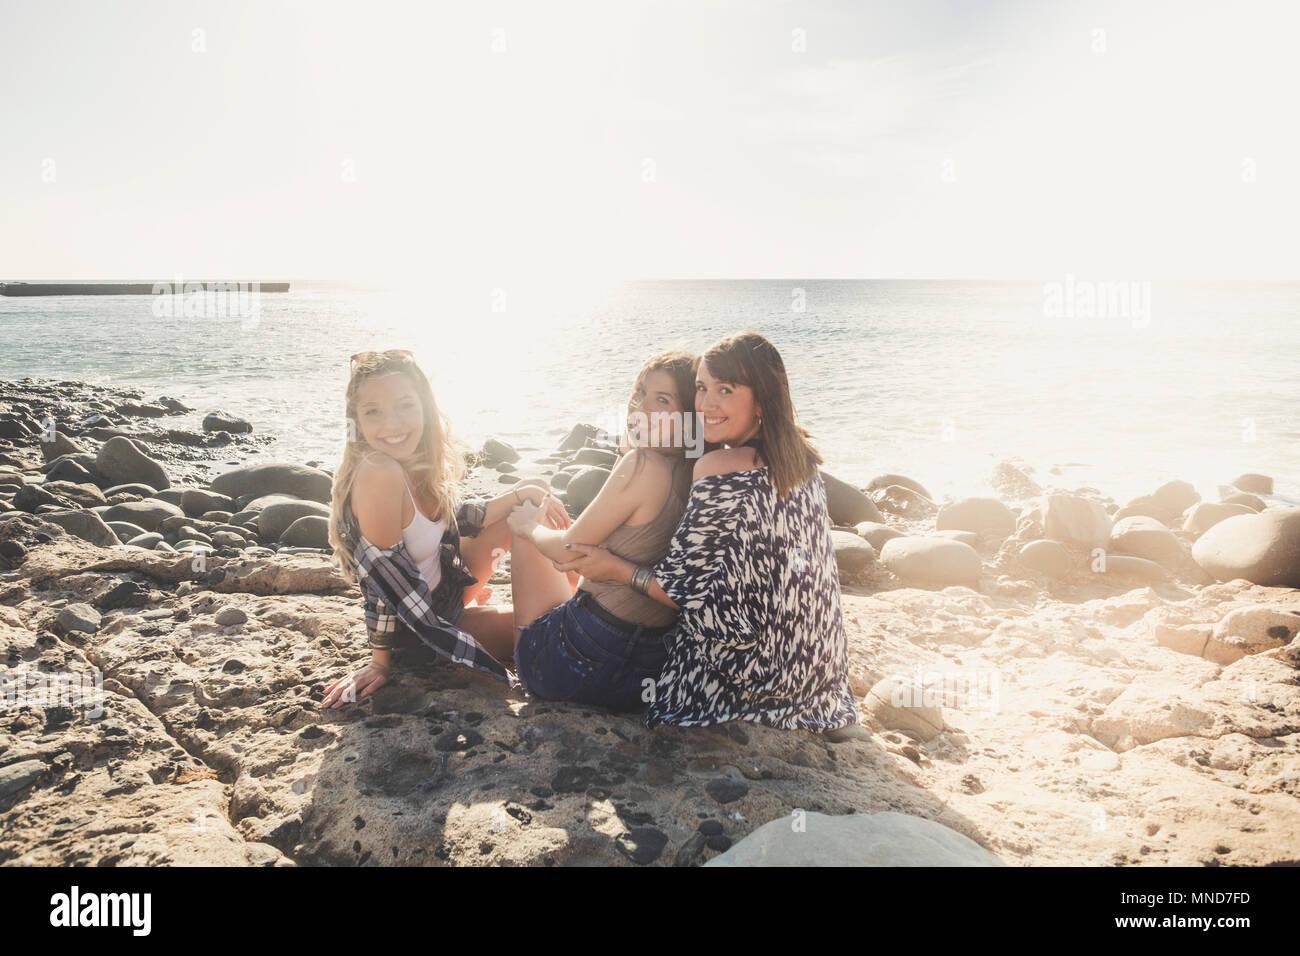 Gruppo di bella donna giovane che parla e sorridente attorno in una spiaggia di pietra in Tenerife. team ragazze divertirsi insieme Immagini Stock